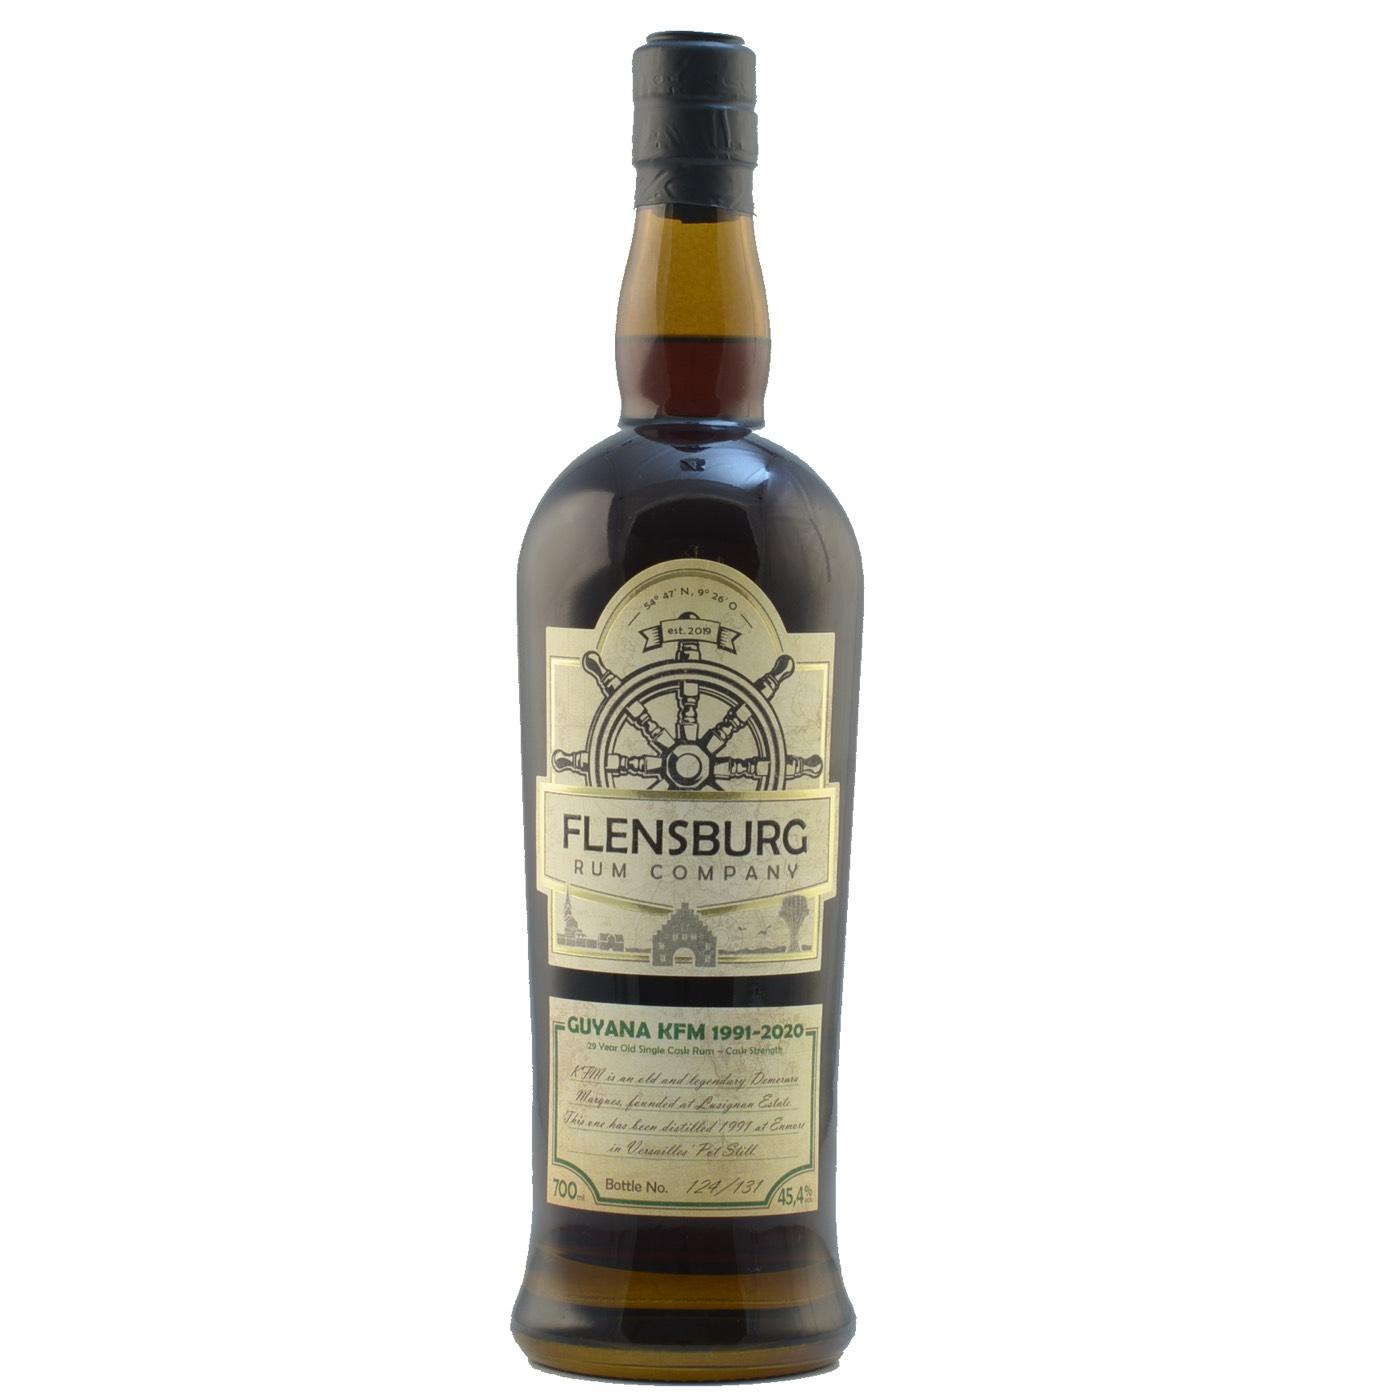 Bottle image of Flensburg Rum Company Guyana (Kirsch Whisky) KFM